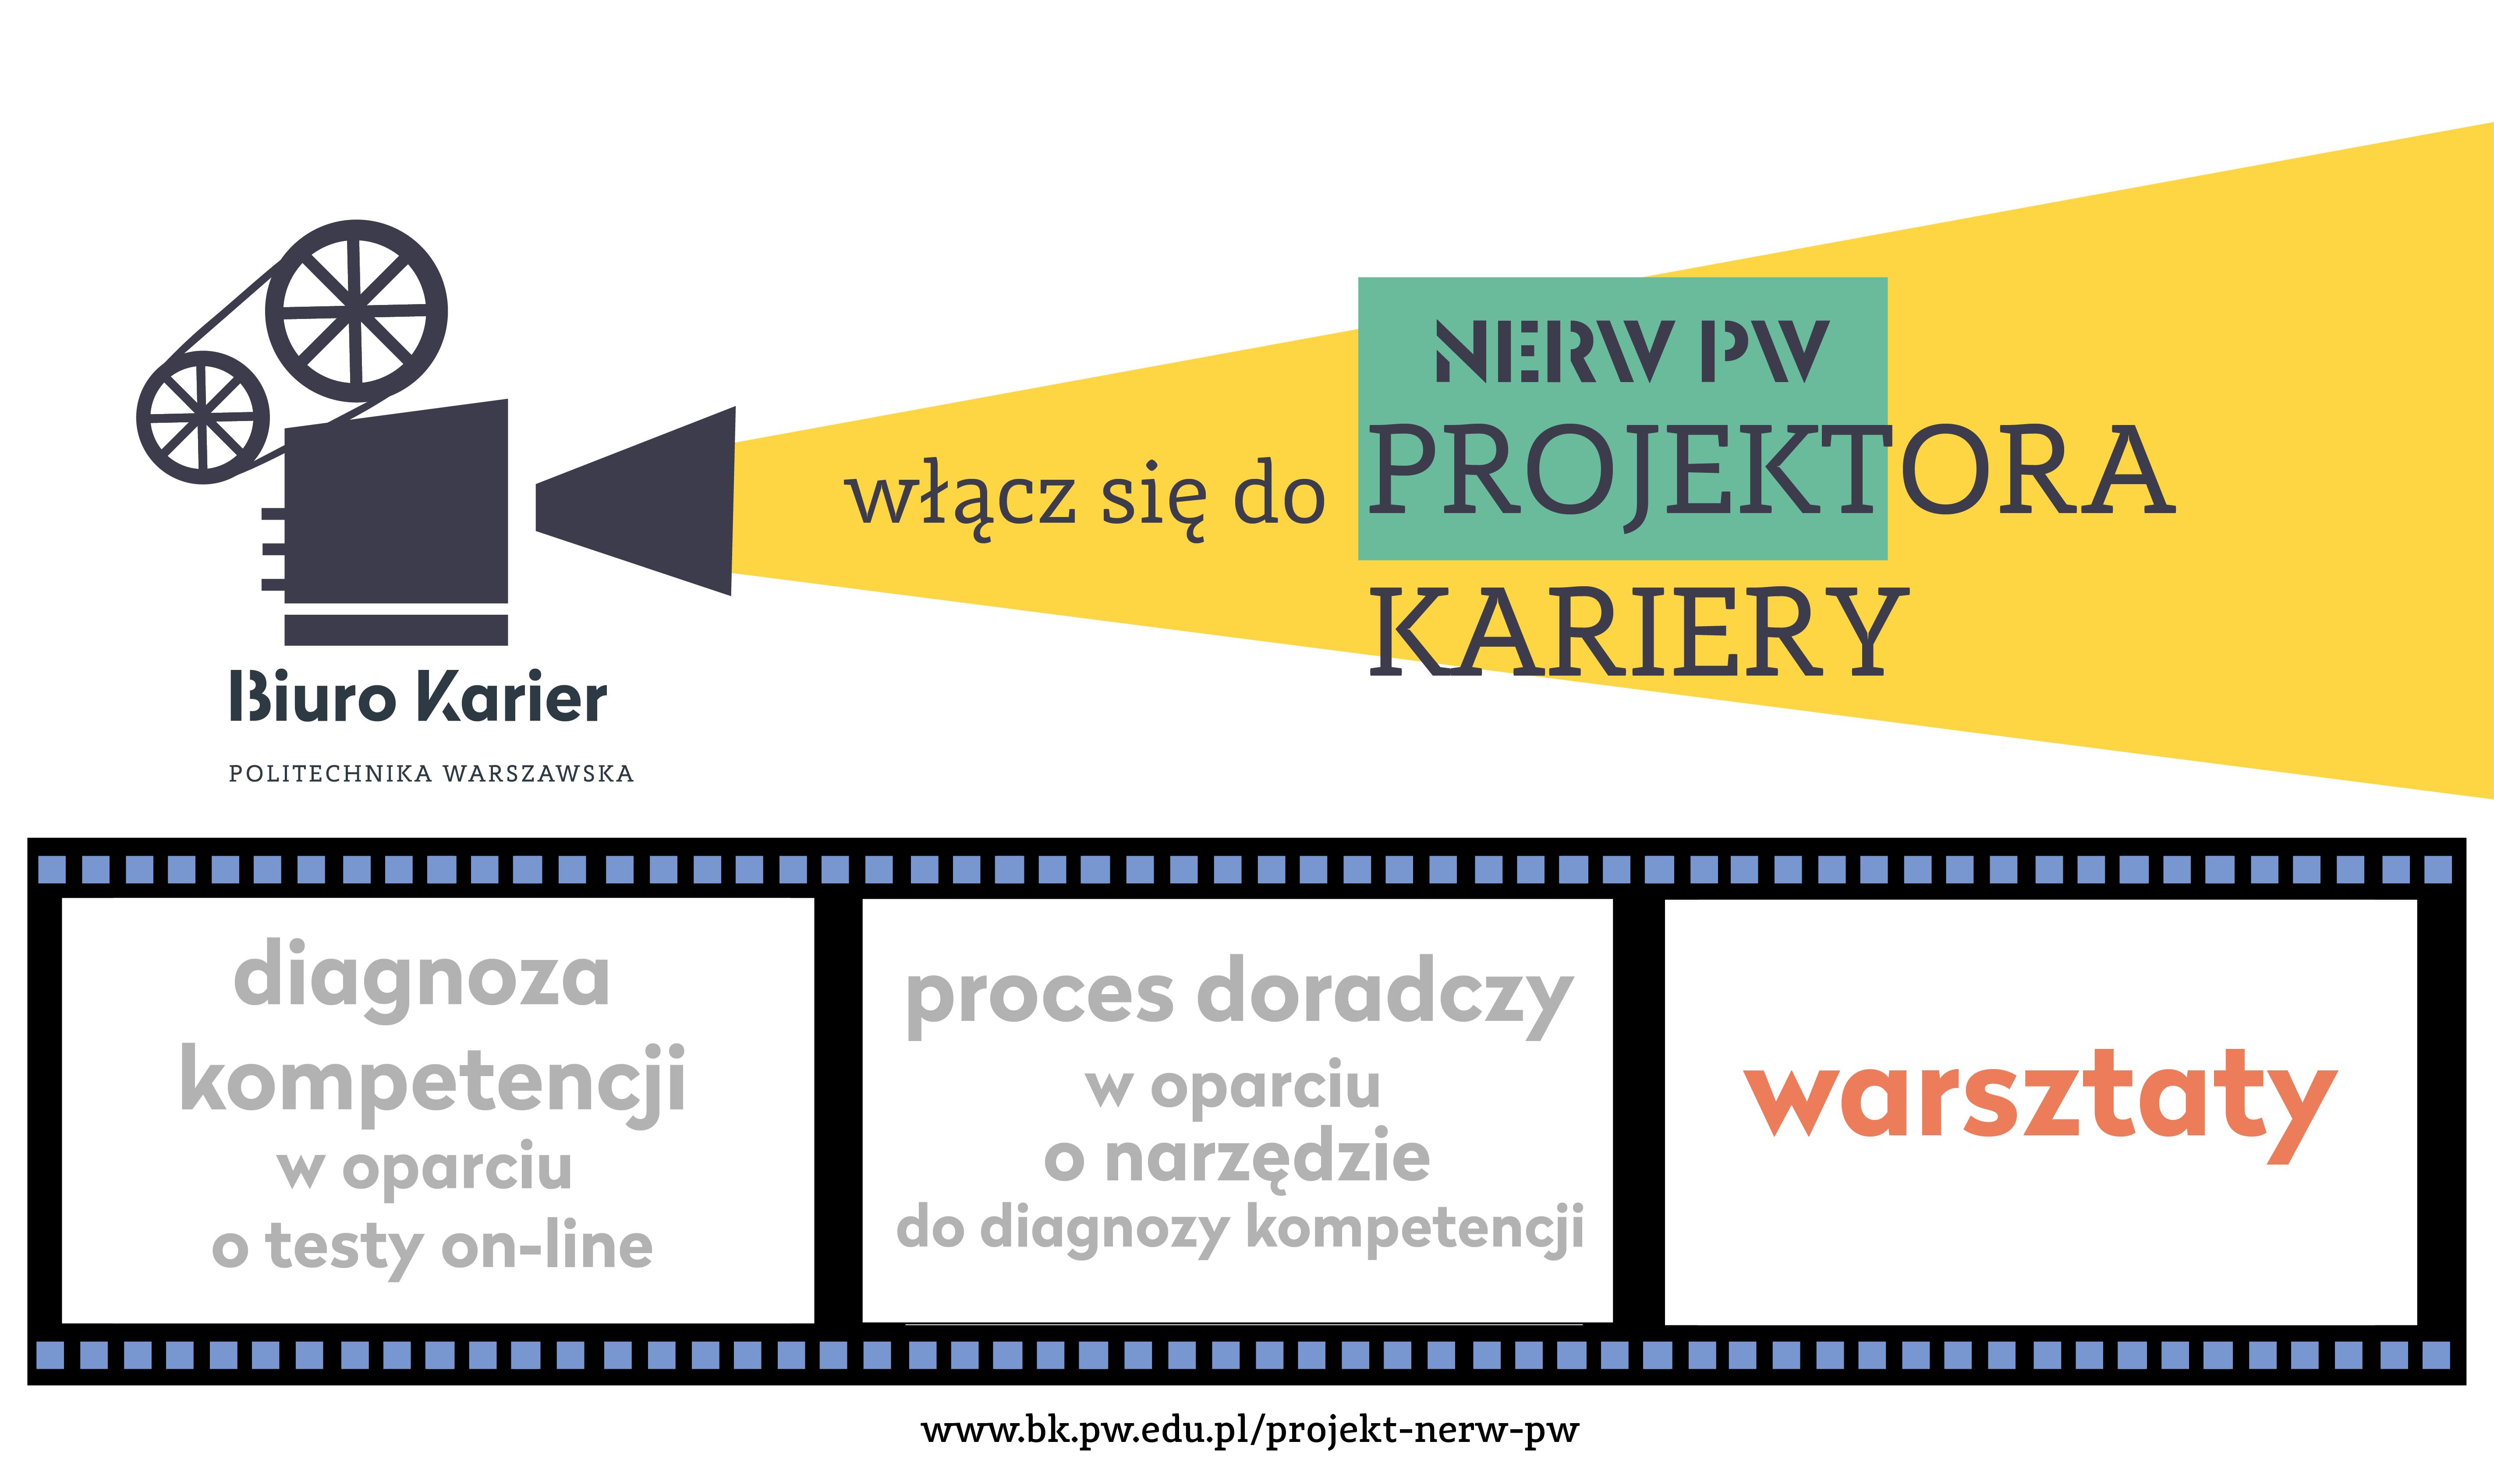 Rozmowa kwalifikacyjna - warsztaty w ramach Projektora Kariery